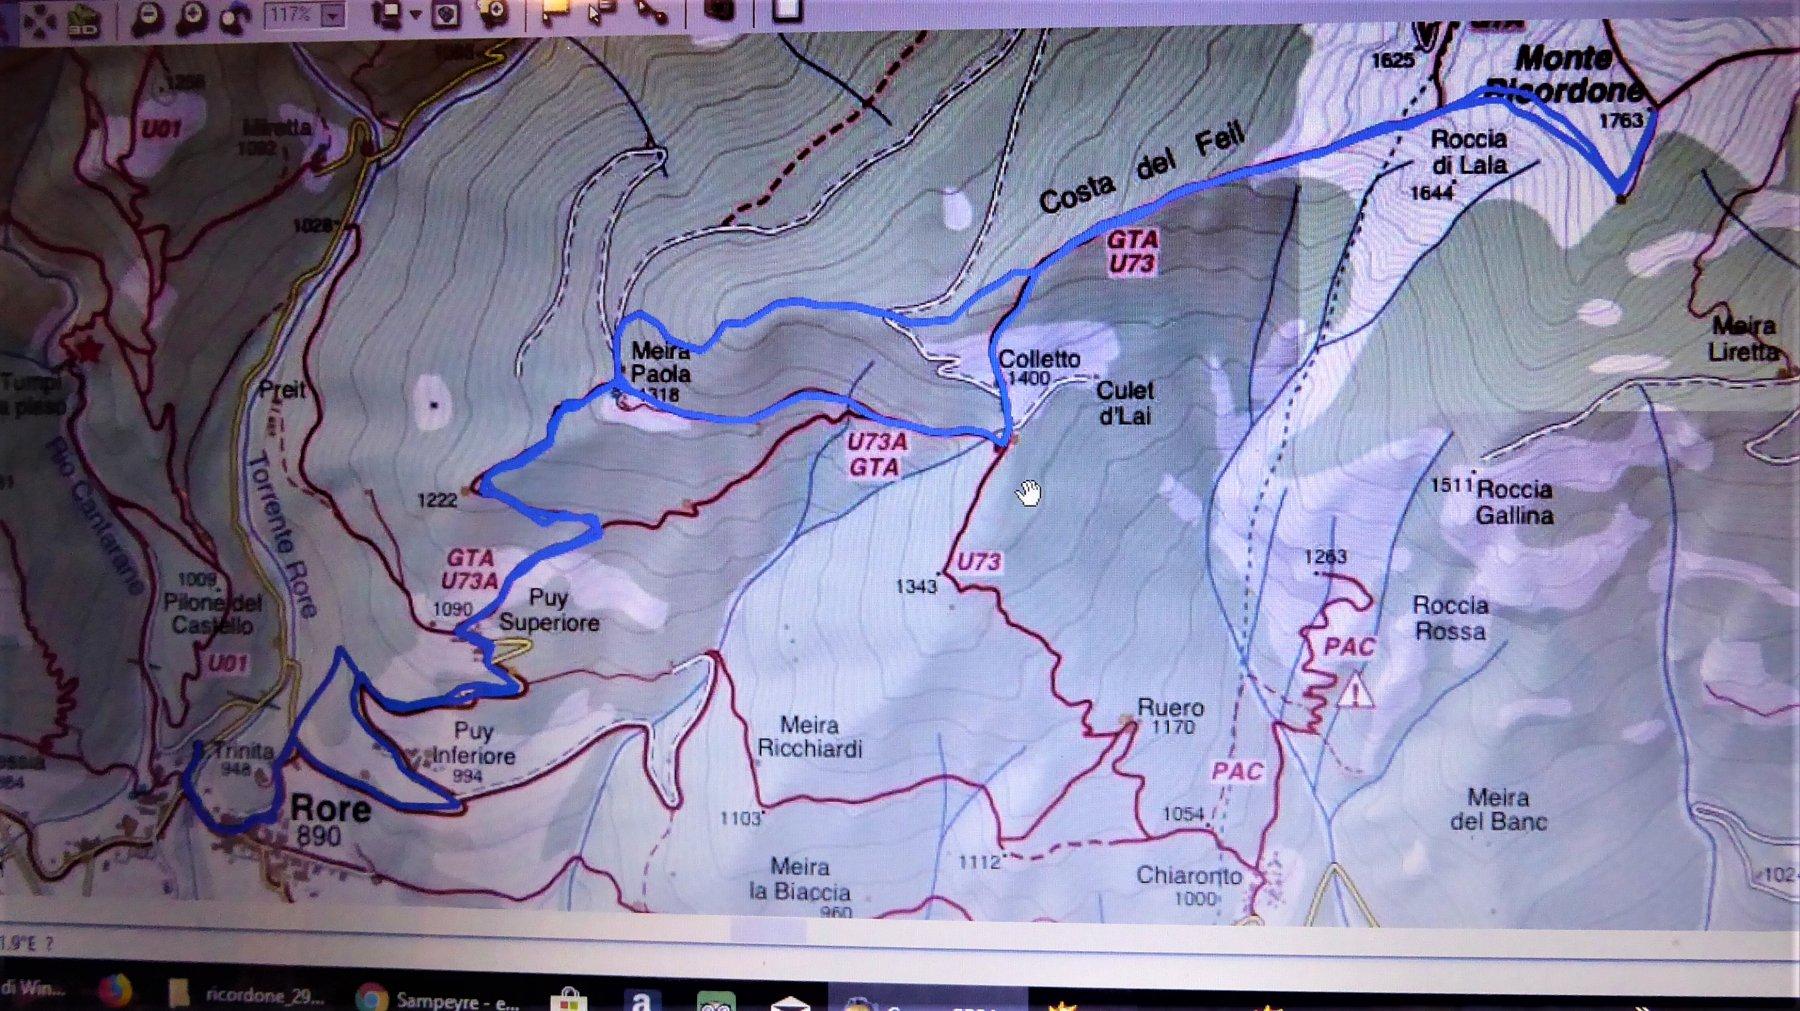 traccia gps sulla cartina fraternali